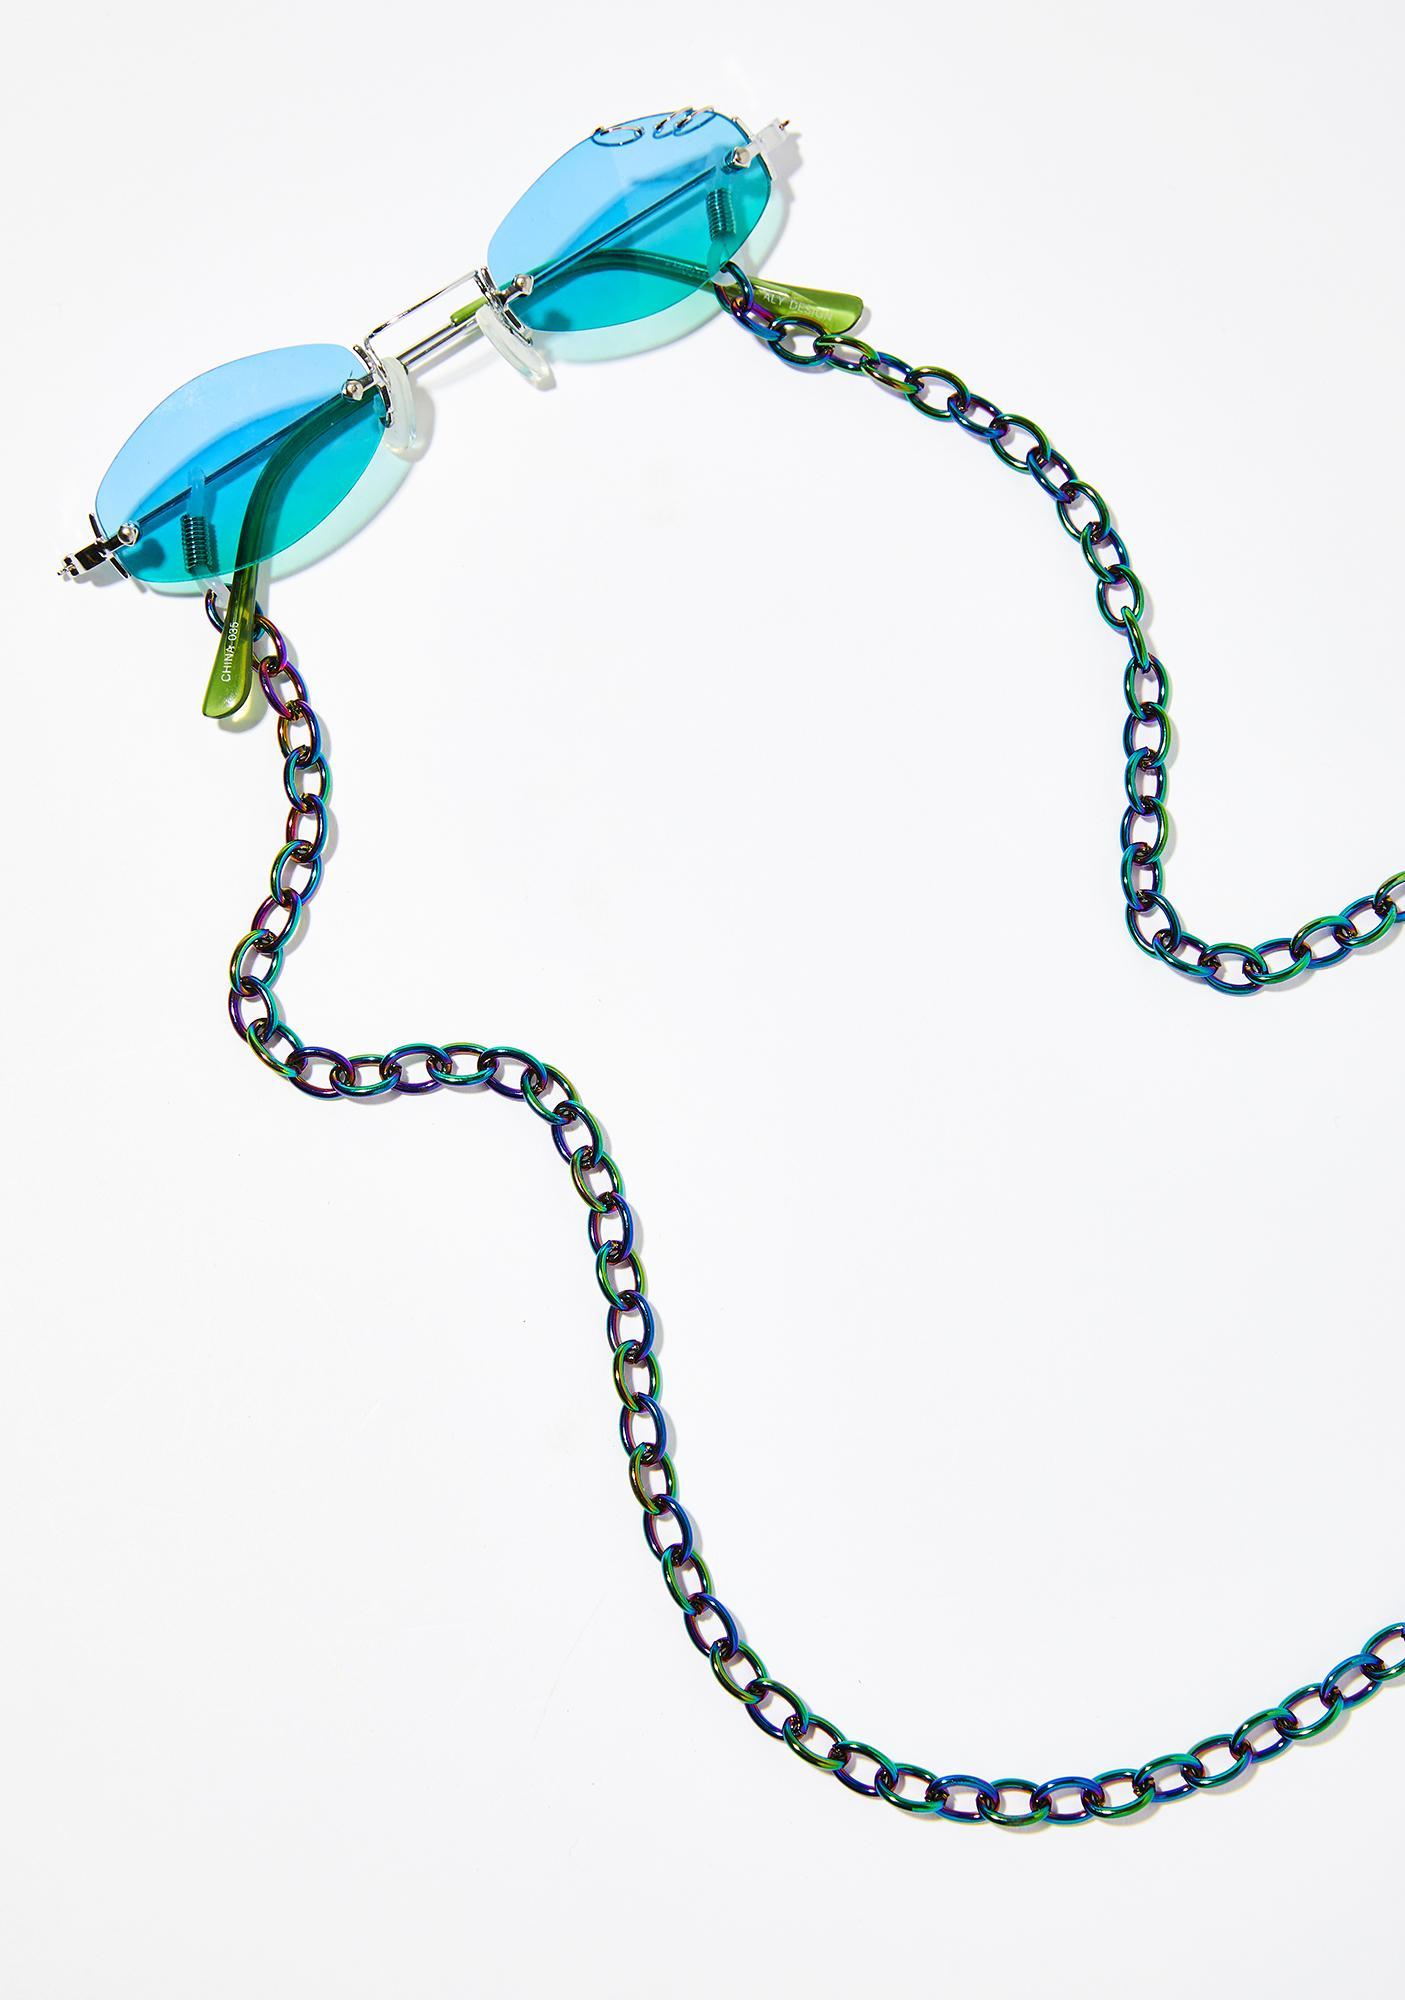 Prismatic Fuel Sunglasses Chain